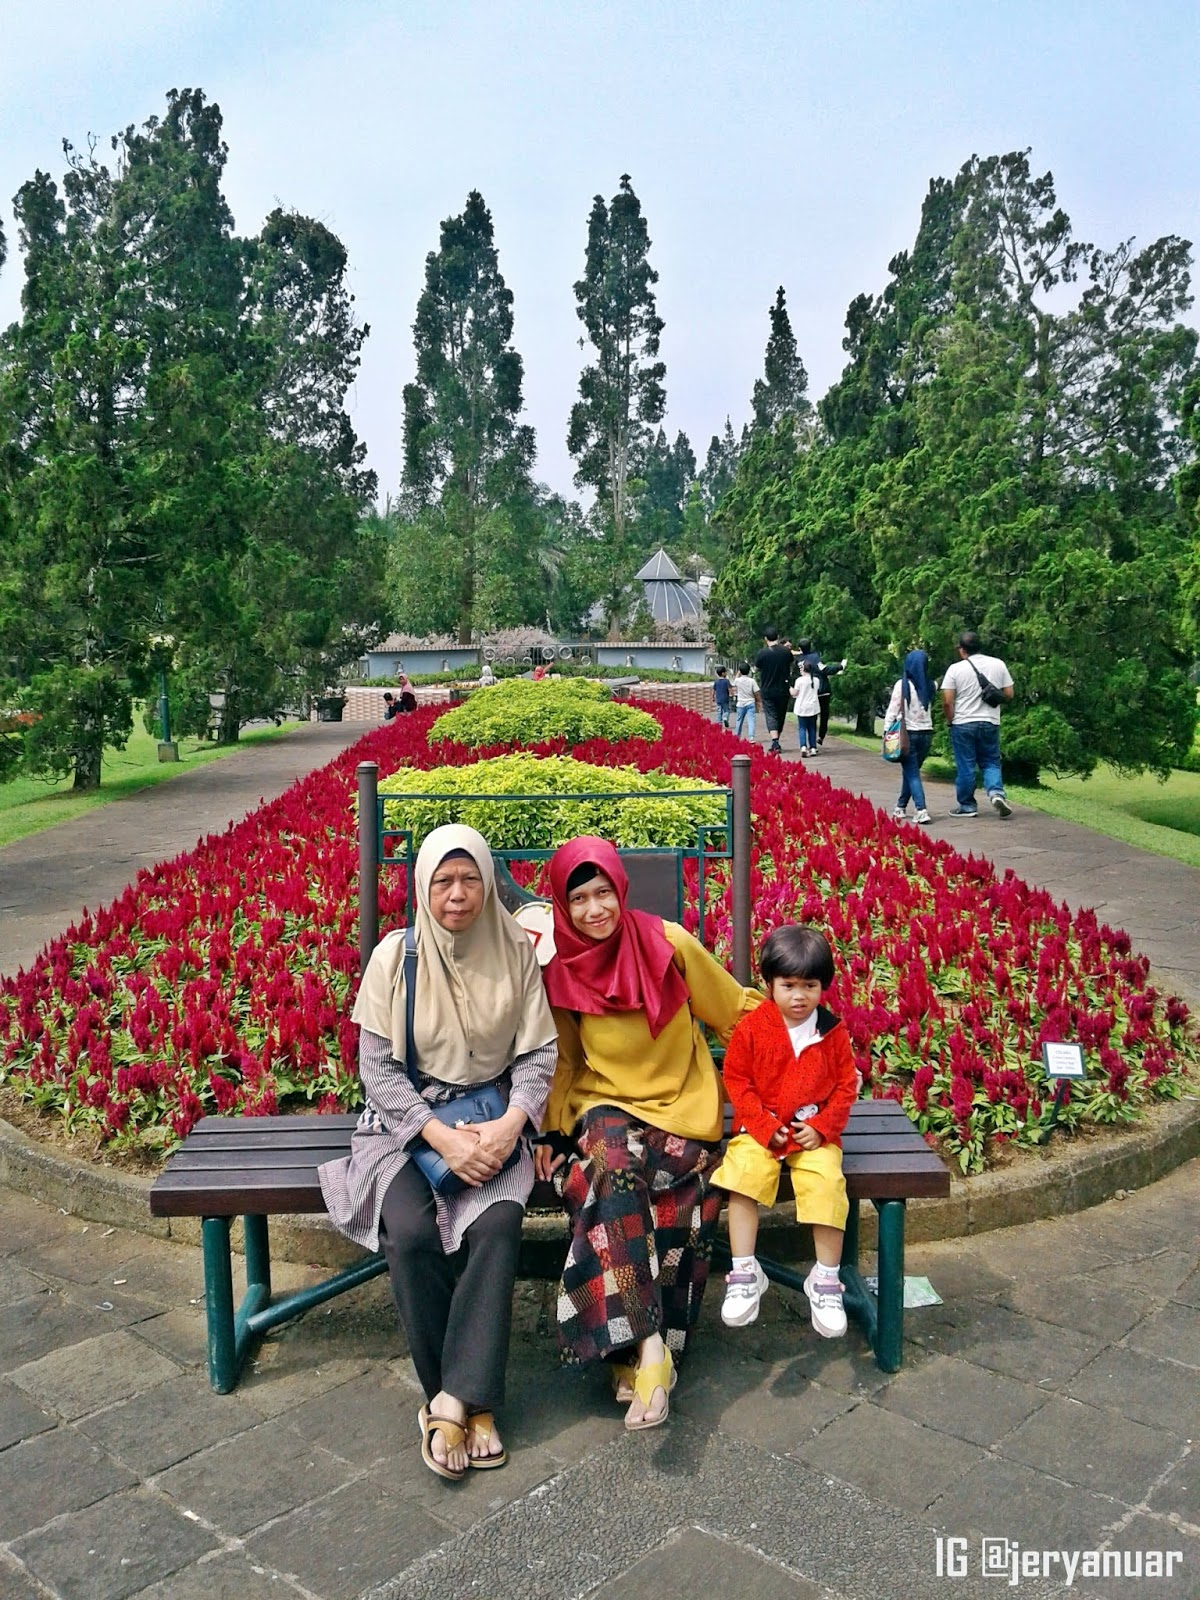 Nikmati Keindahan Taman Bunga di Taman Wisata Matahari